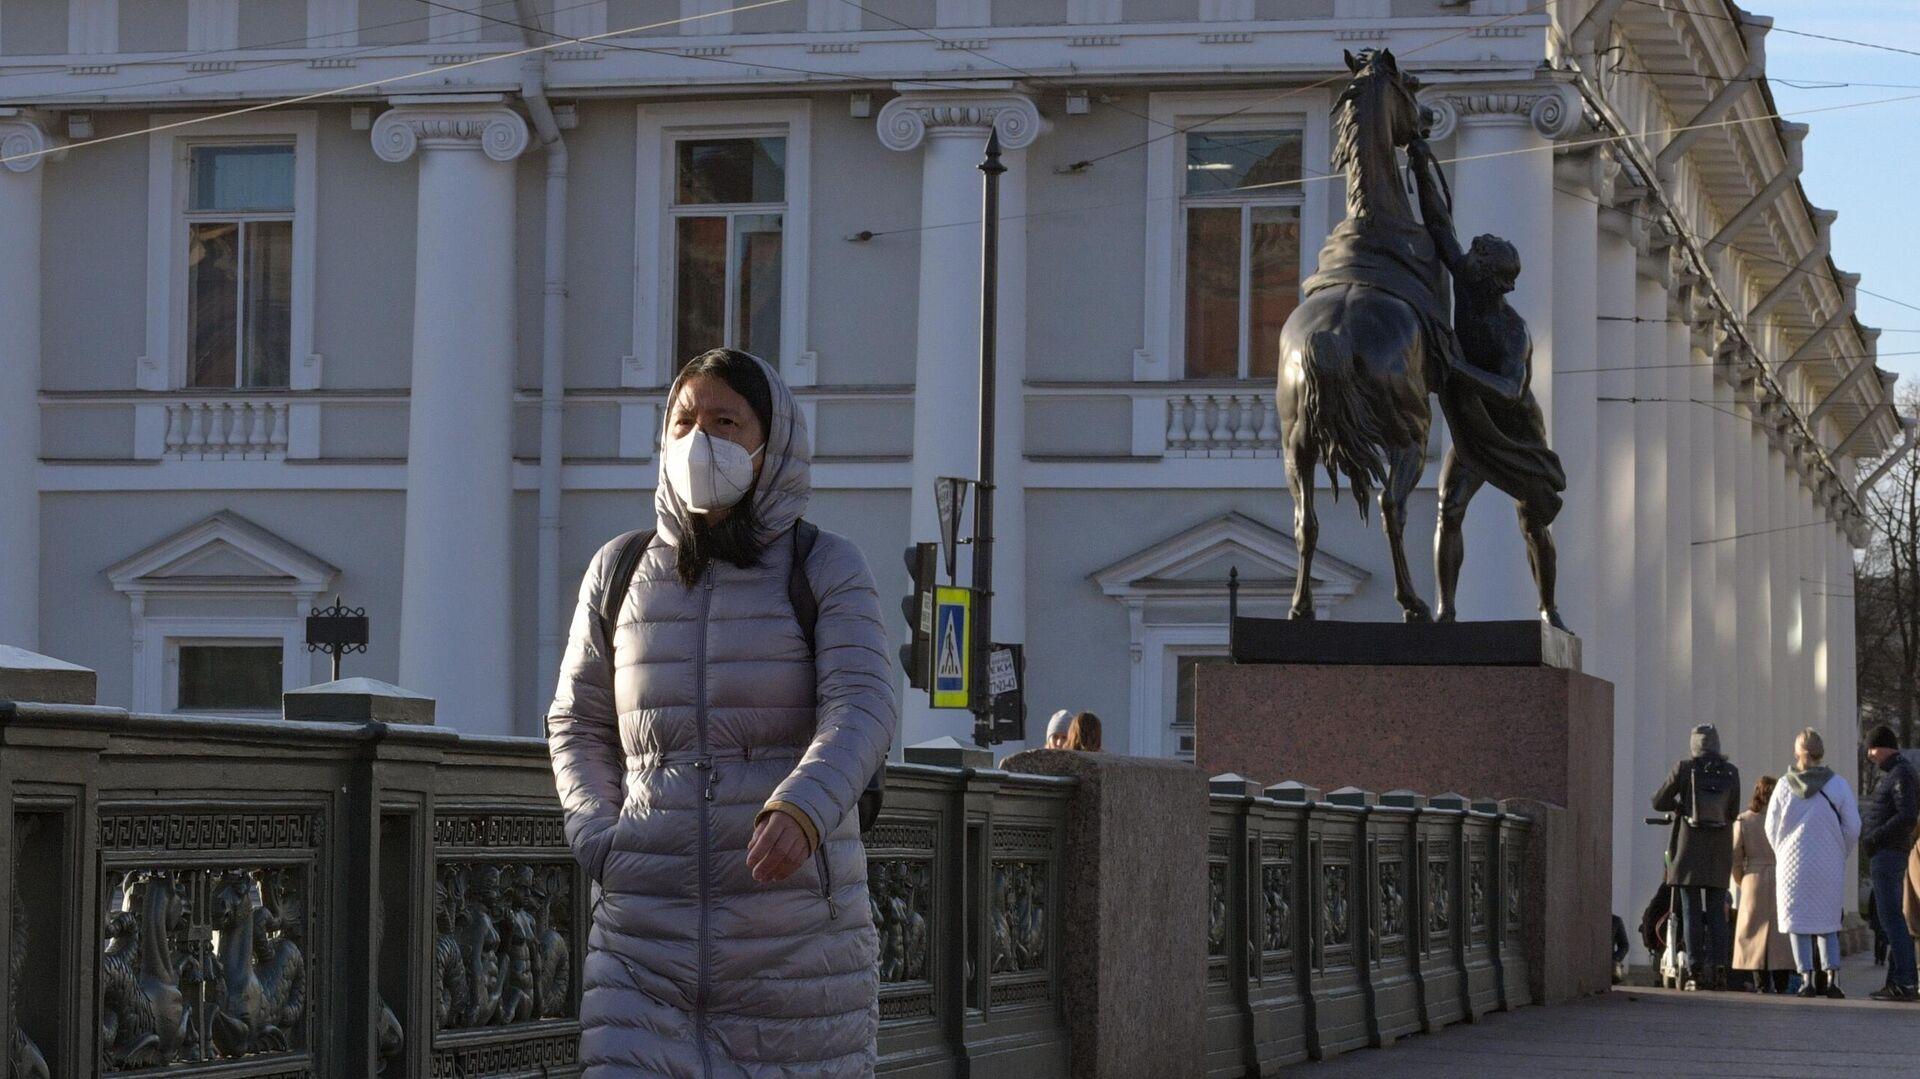 Девушка в маске на Невском проспекте в Санкт-Петербурге - РИА Новости, 1920, 05.02.2021